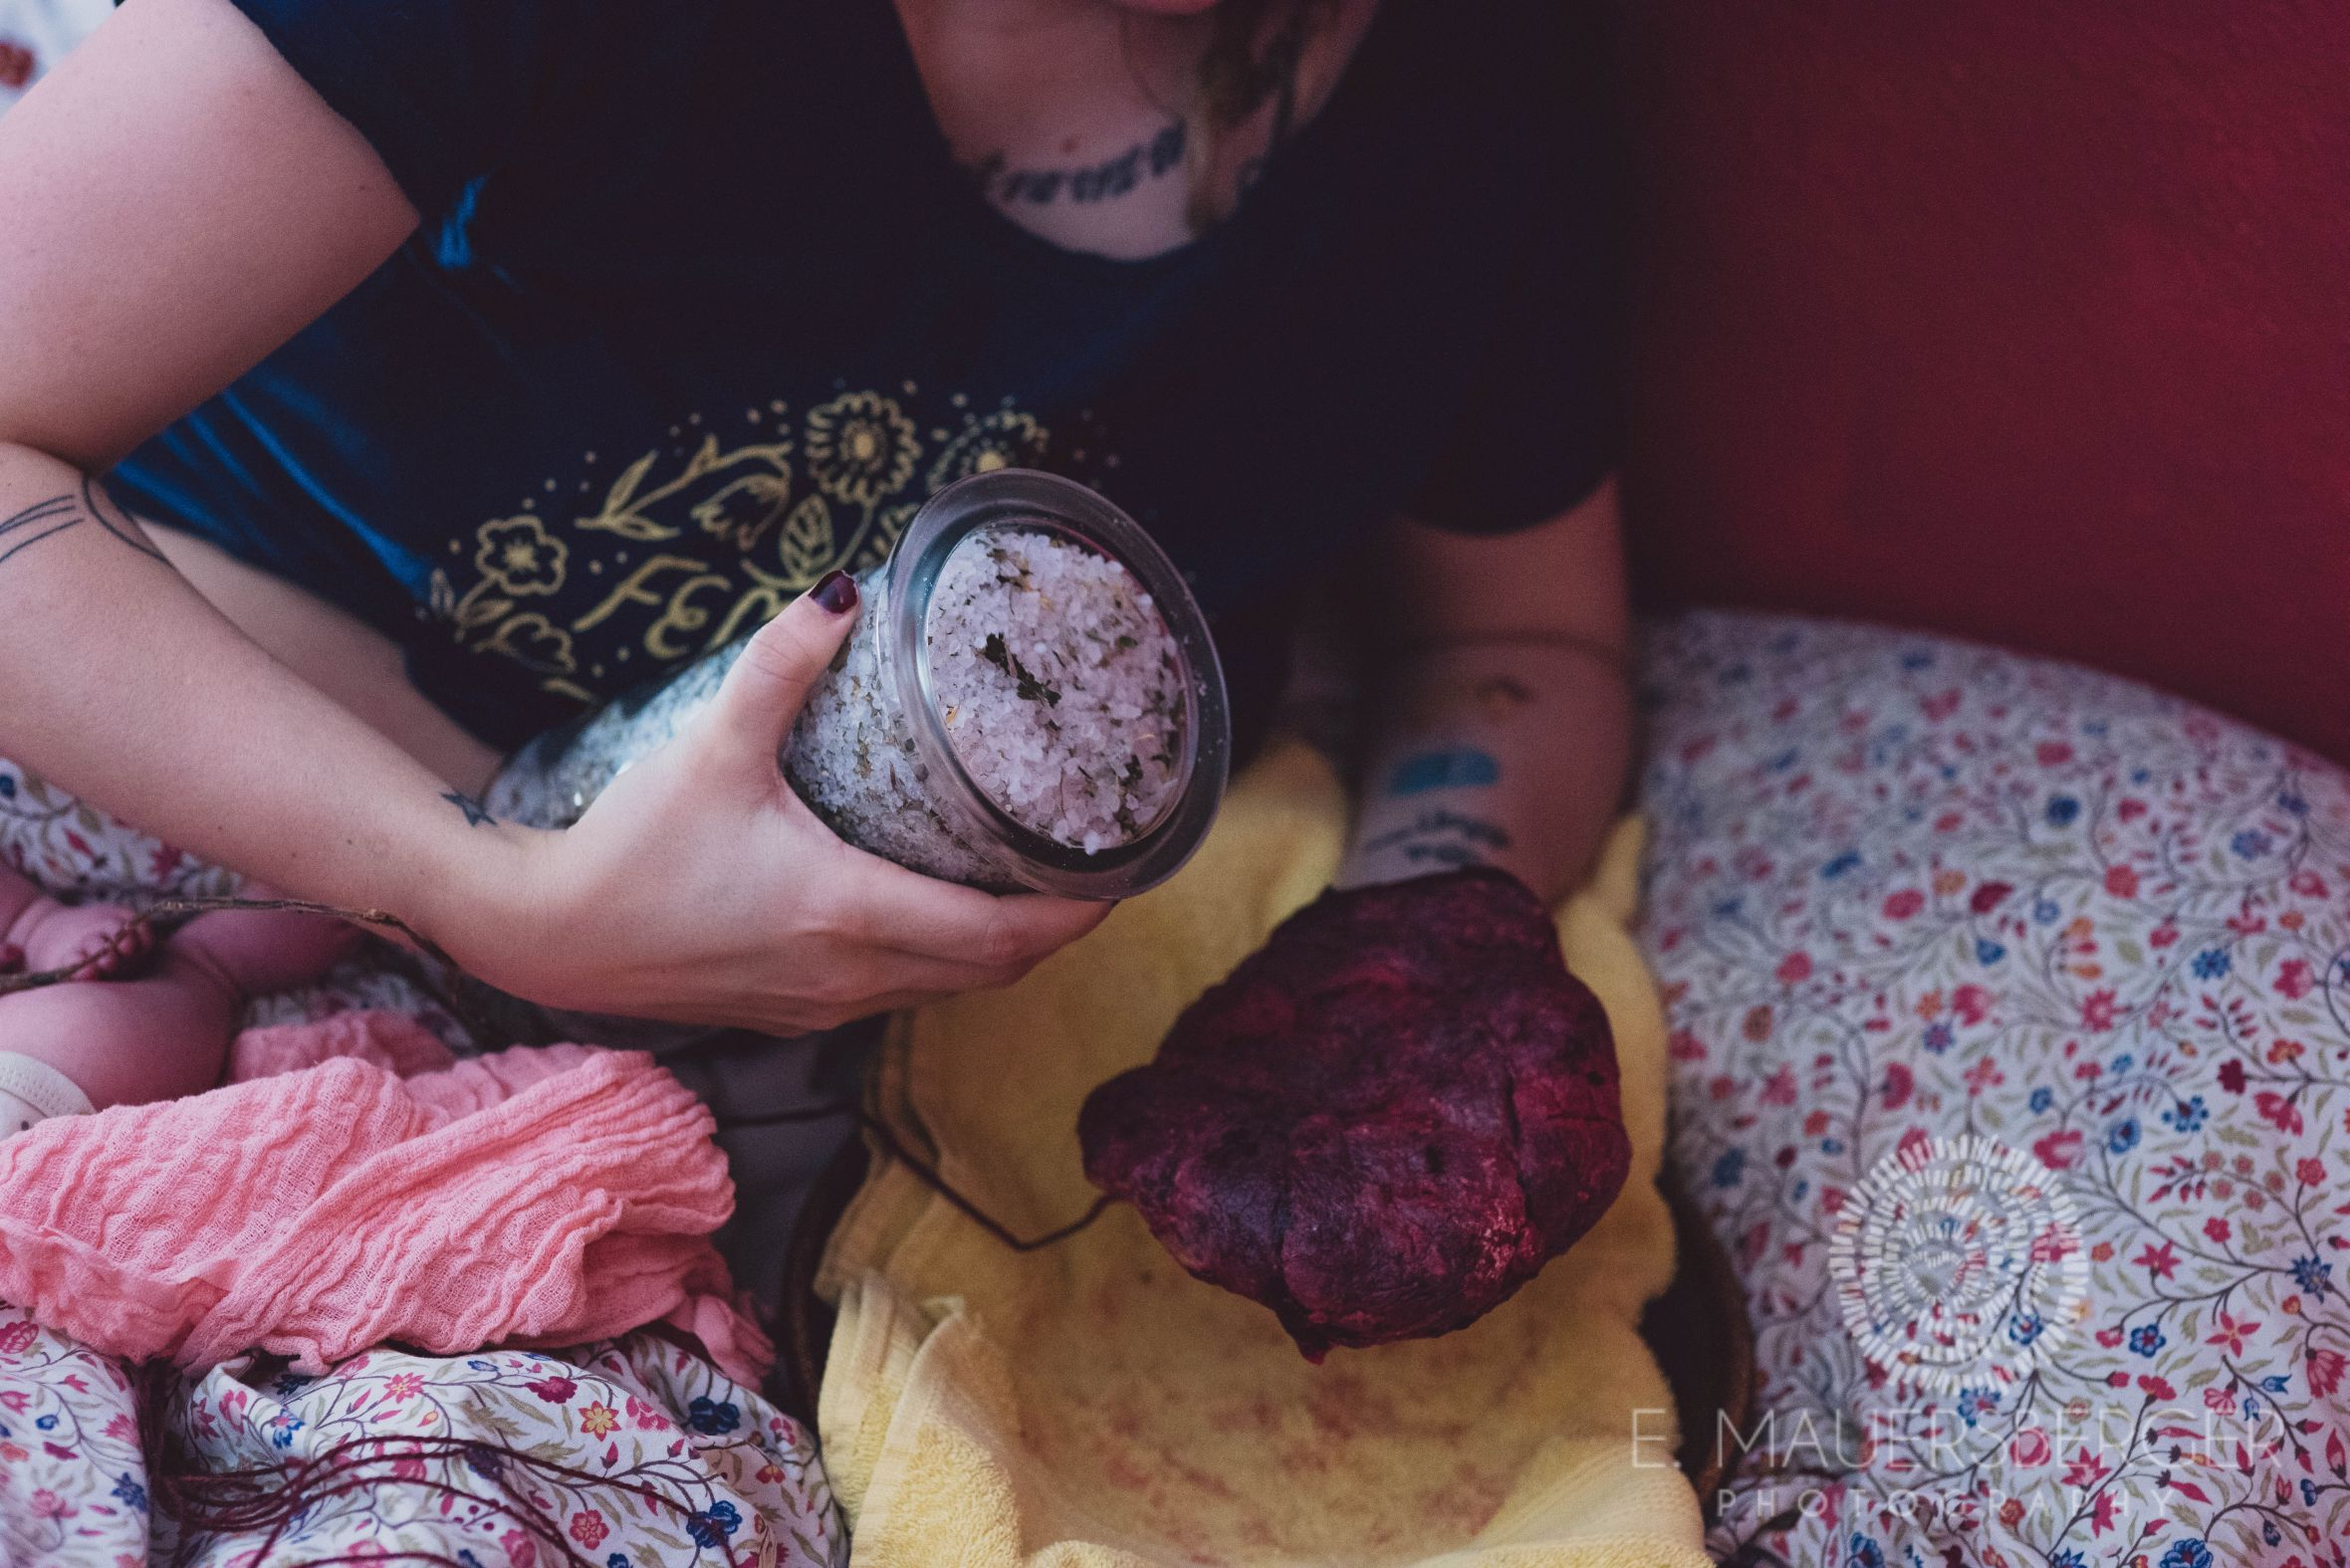 Mutter schüttet mit einem Glas grobkörniges Salz und Kräuter über die Plazenta ihres Babys, die sie in der Hand hält.